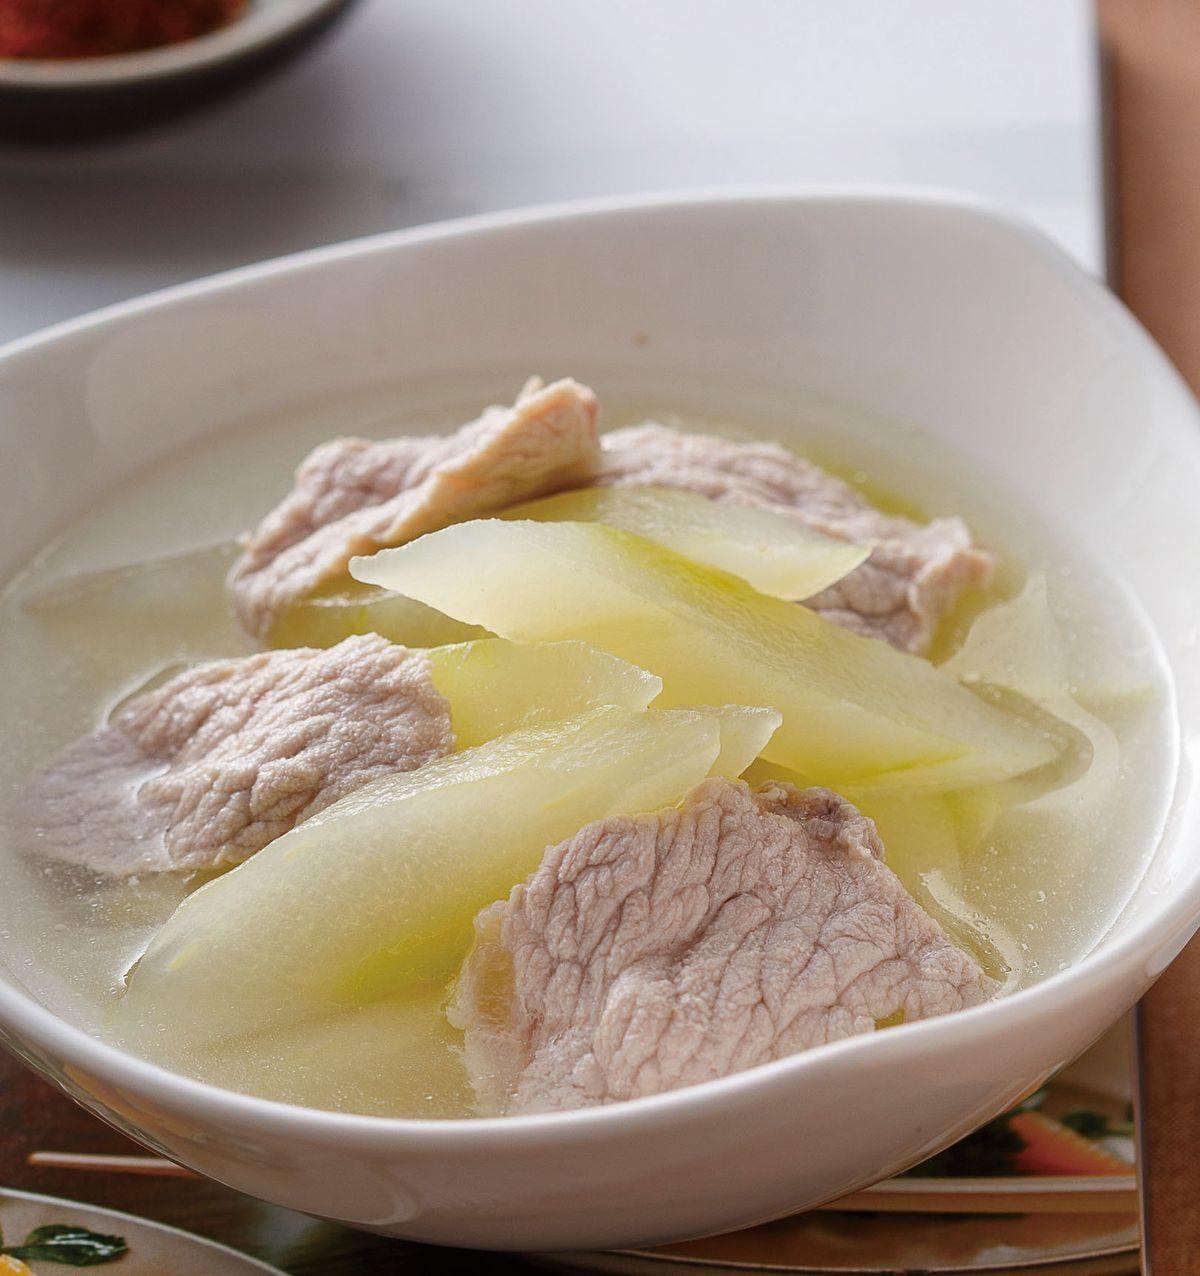 食譜:大黃瓜肉片湯